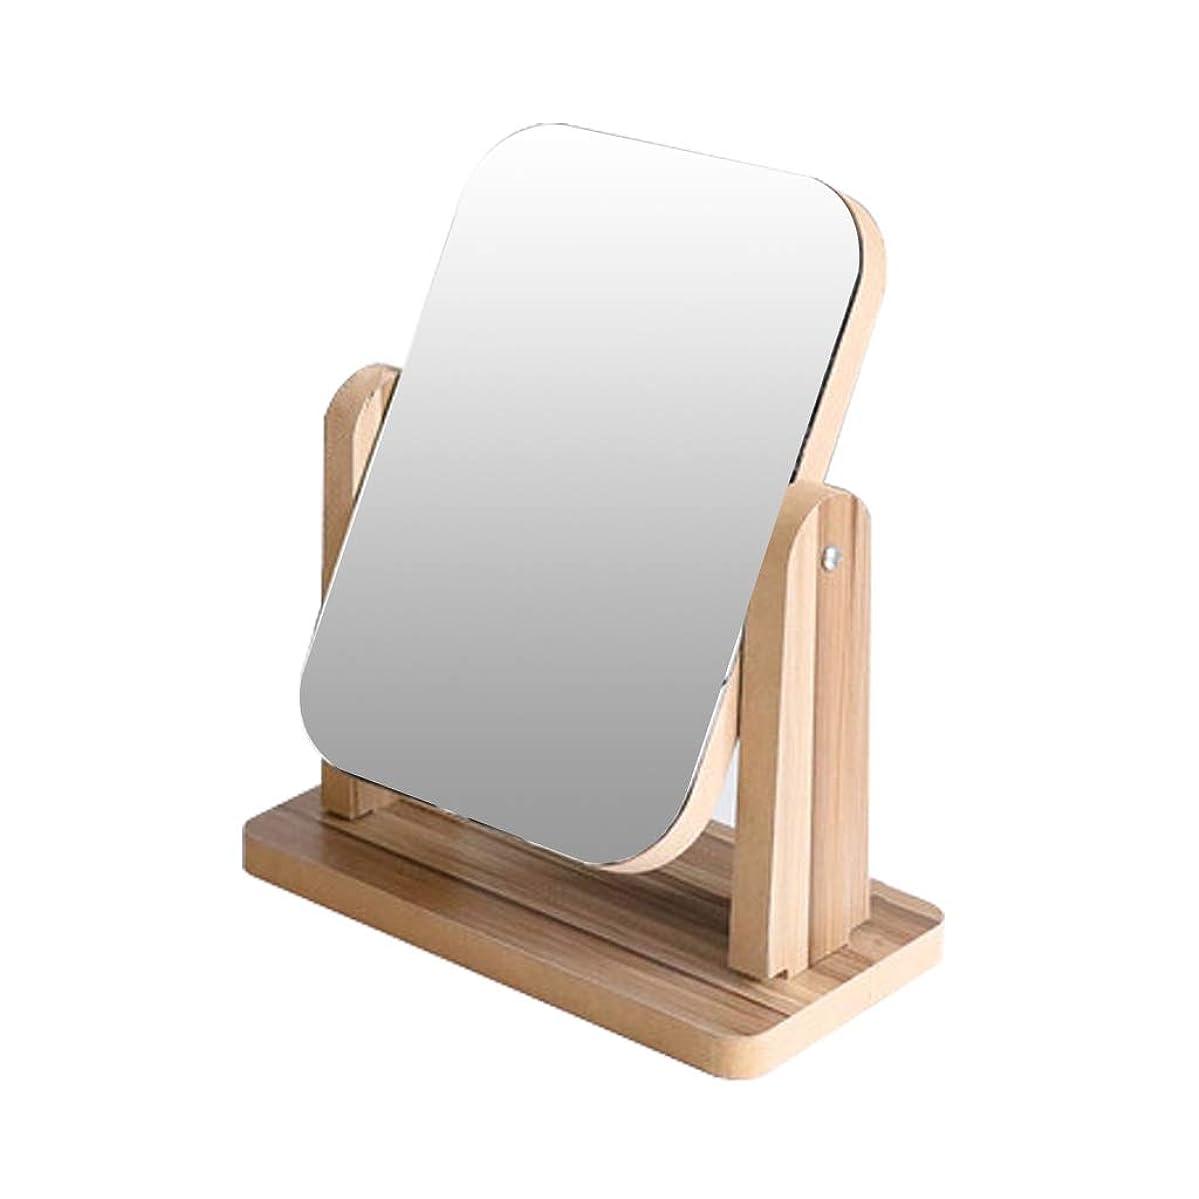 円形エキスレーダー木製の化粧鏡の洗面化粧台のデスクトップのデスクトップのポータブルデスクトップの折りたたみノルディックシンプルな木製の茶色のパターン